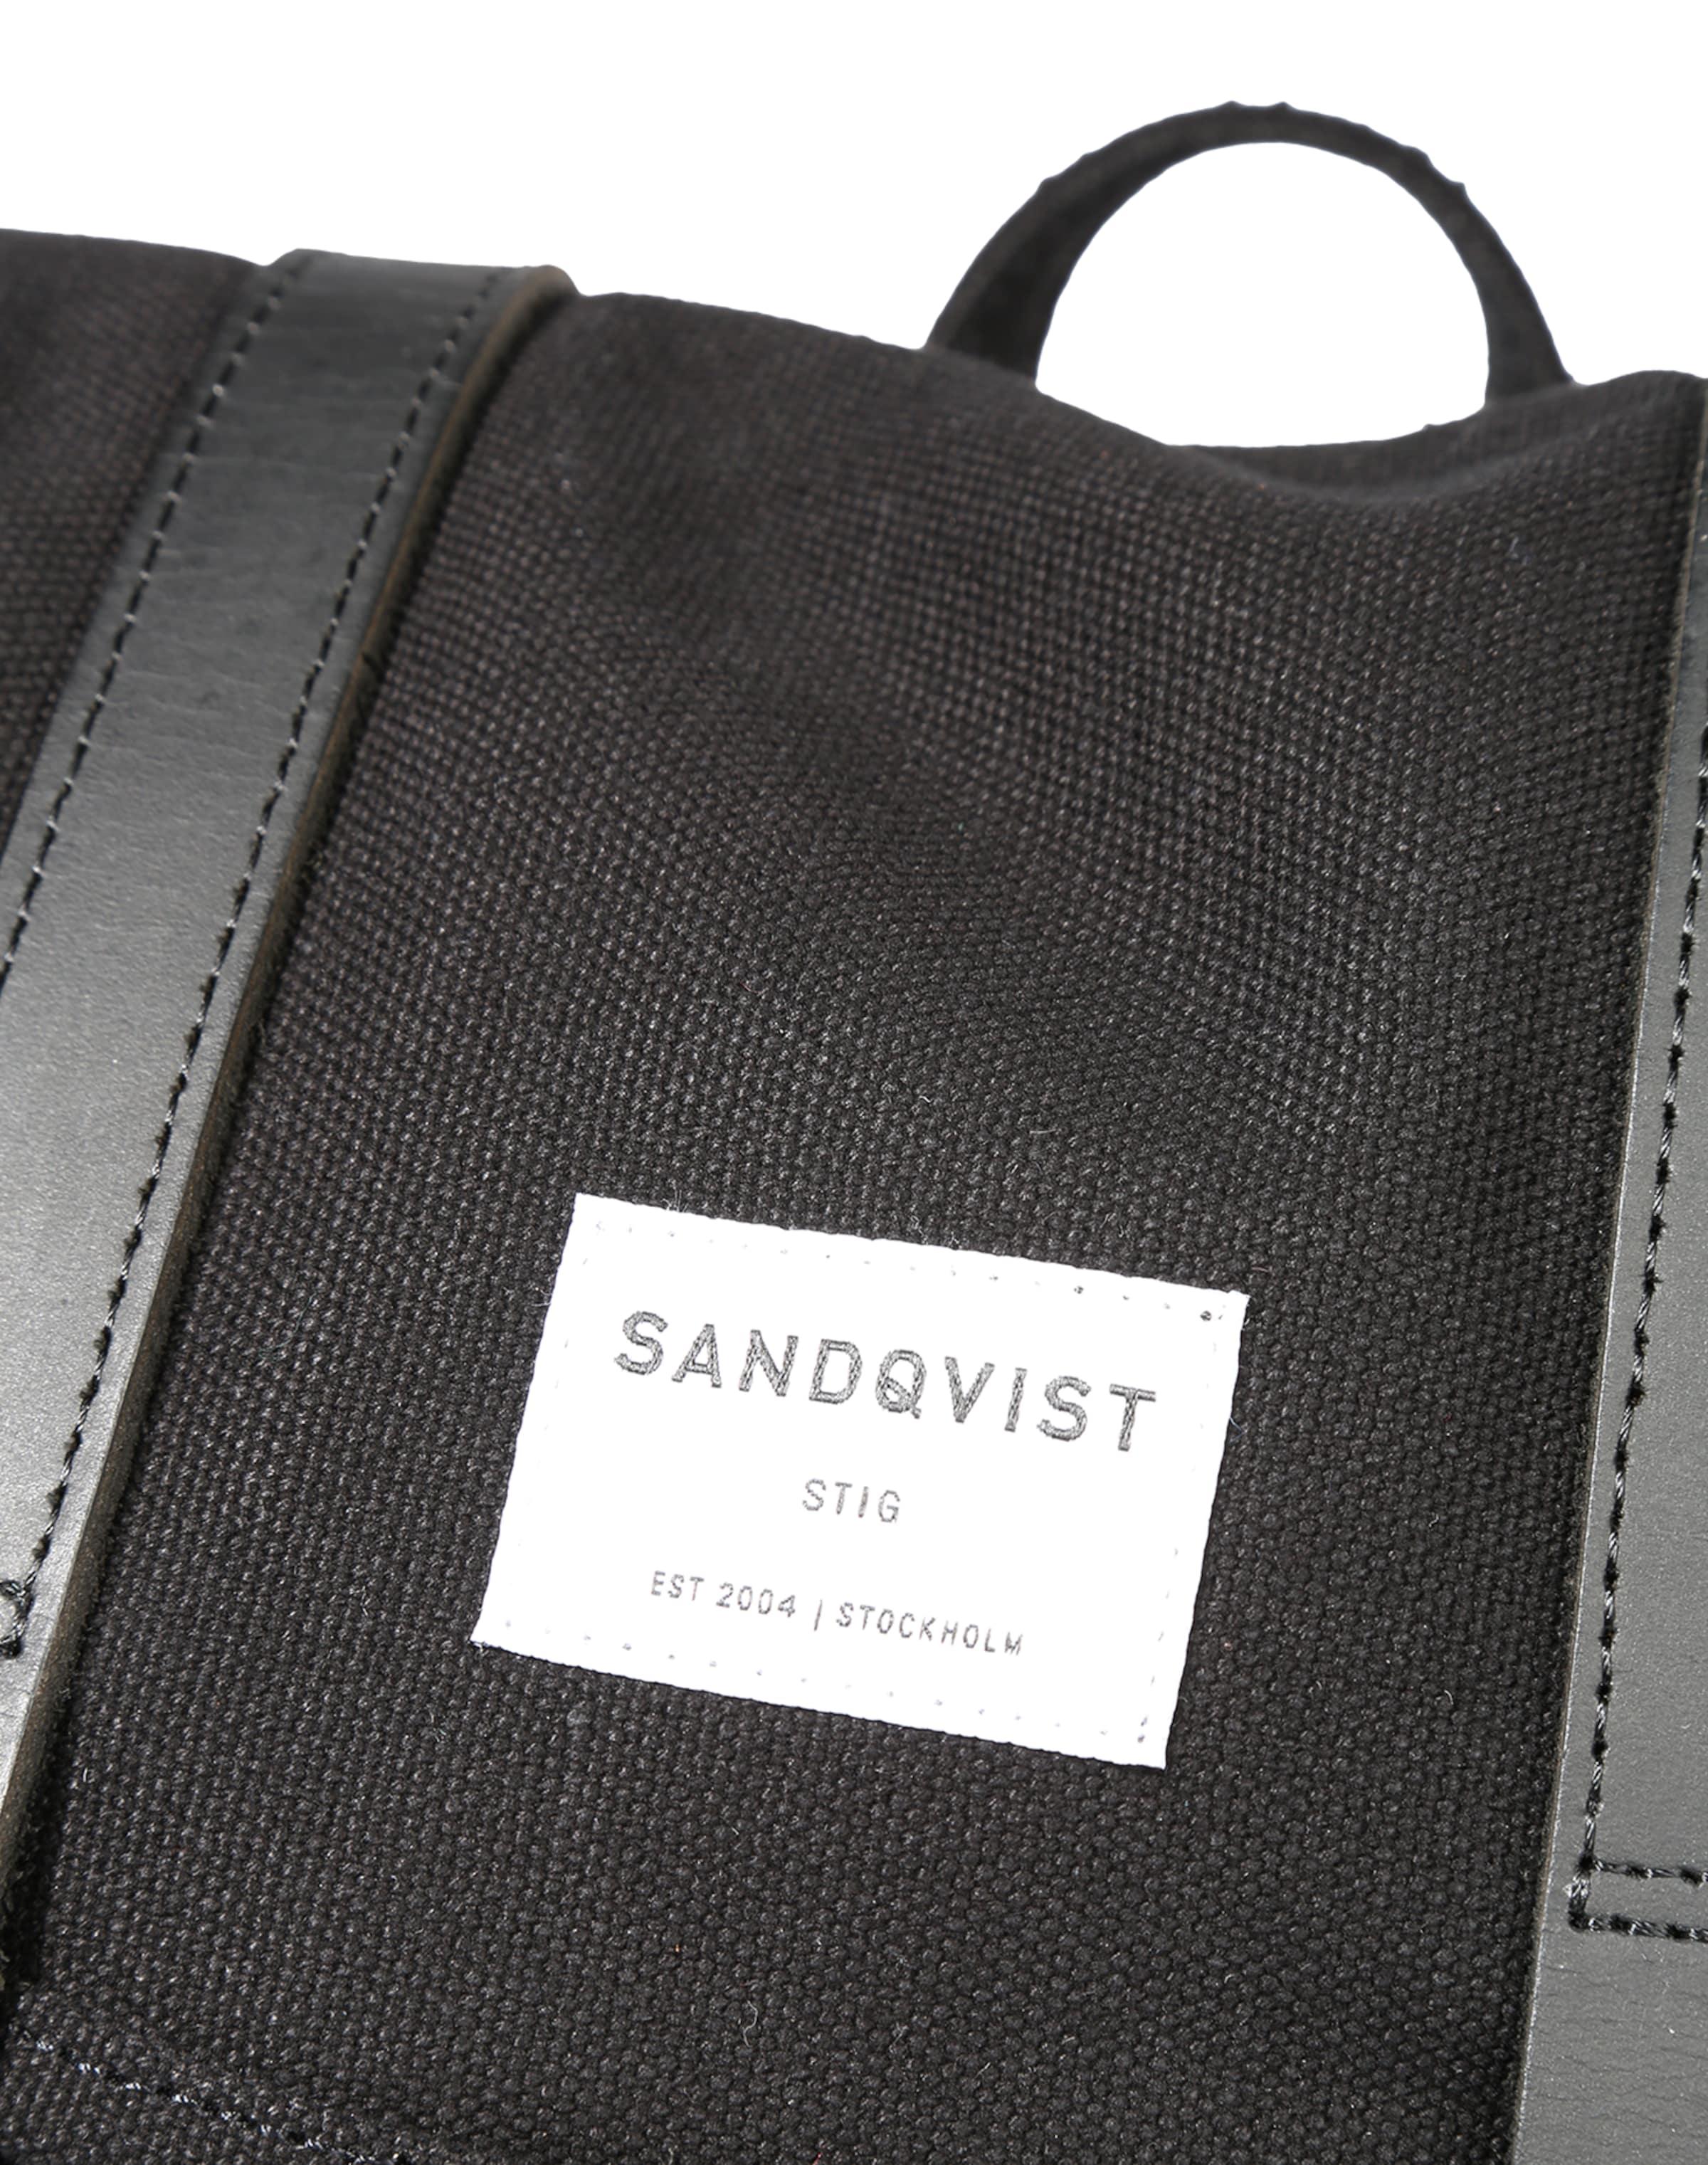 Rucksack SANDQVIST 'Stig SANDQVIST 'Stig mini' mini' mini' SANDQVIST Rucksack Rucksack 'Stig Uq8U4rwA